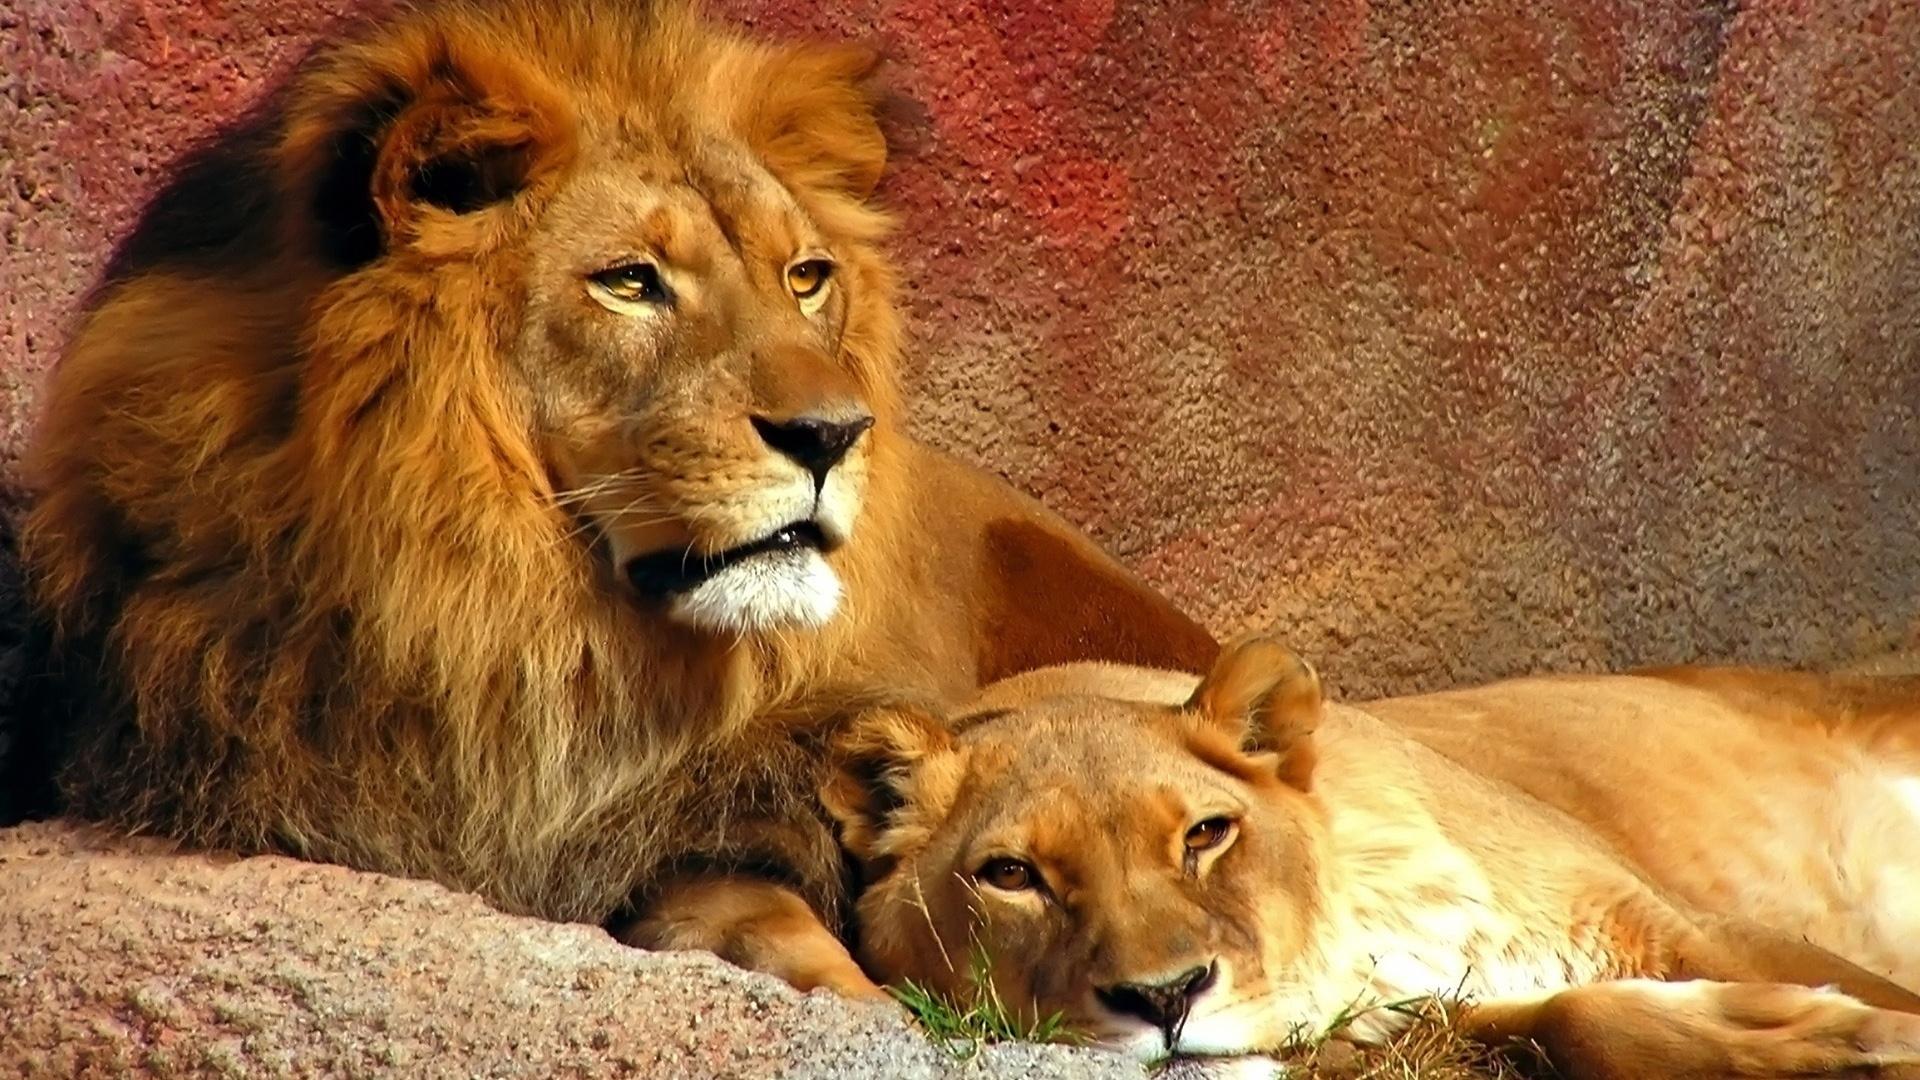 всего картинки с львами и львицами аренда